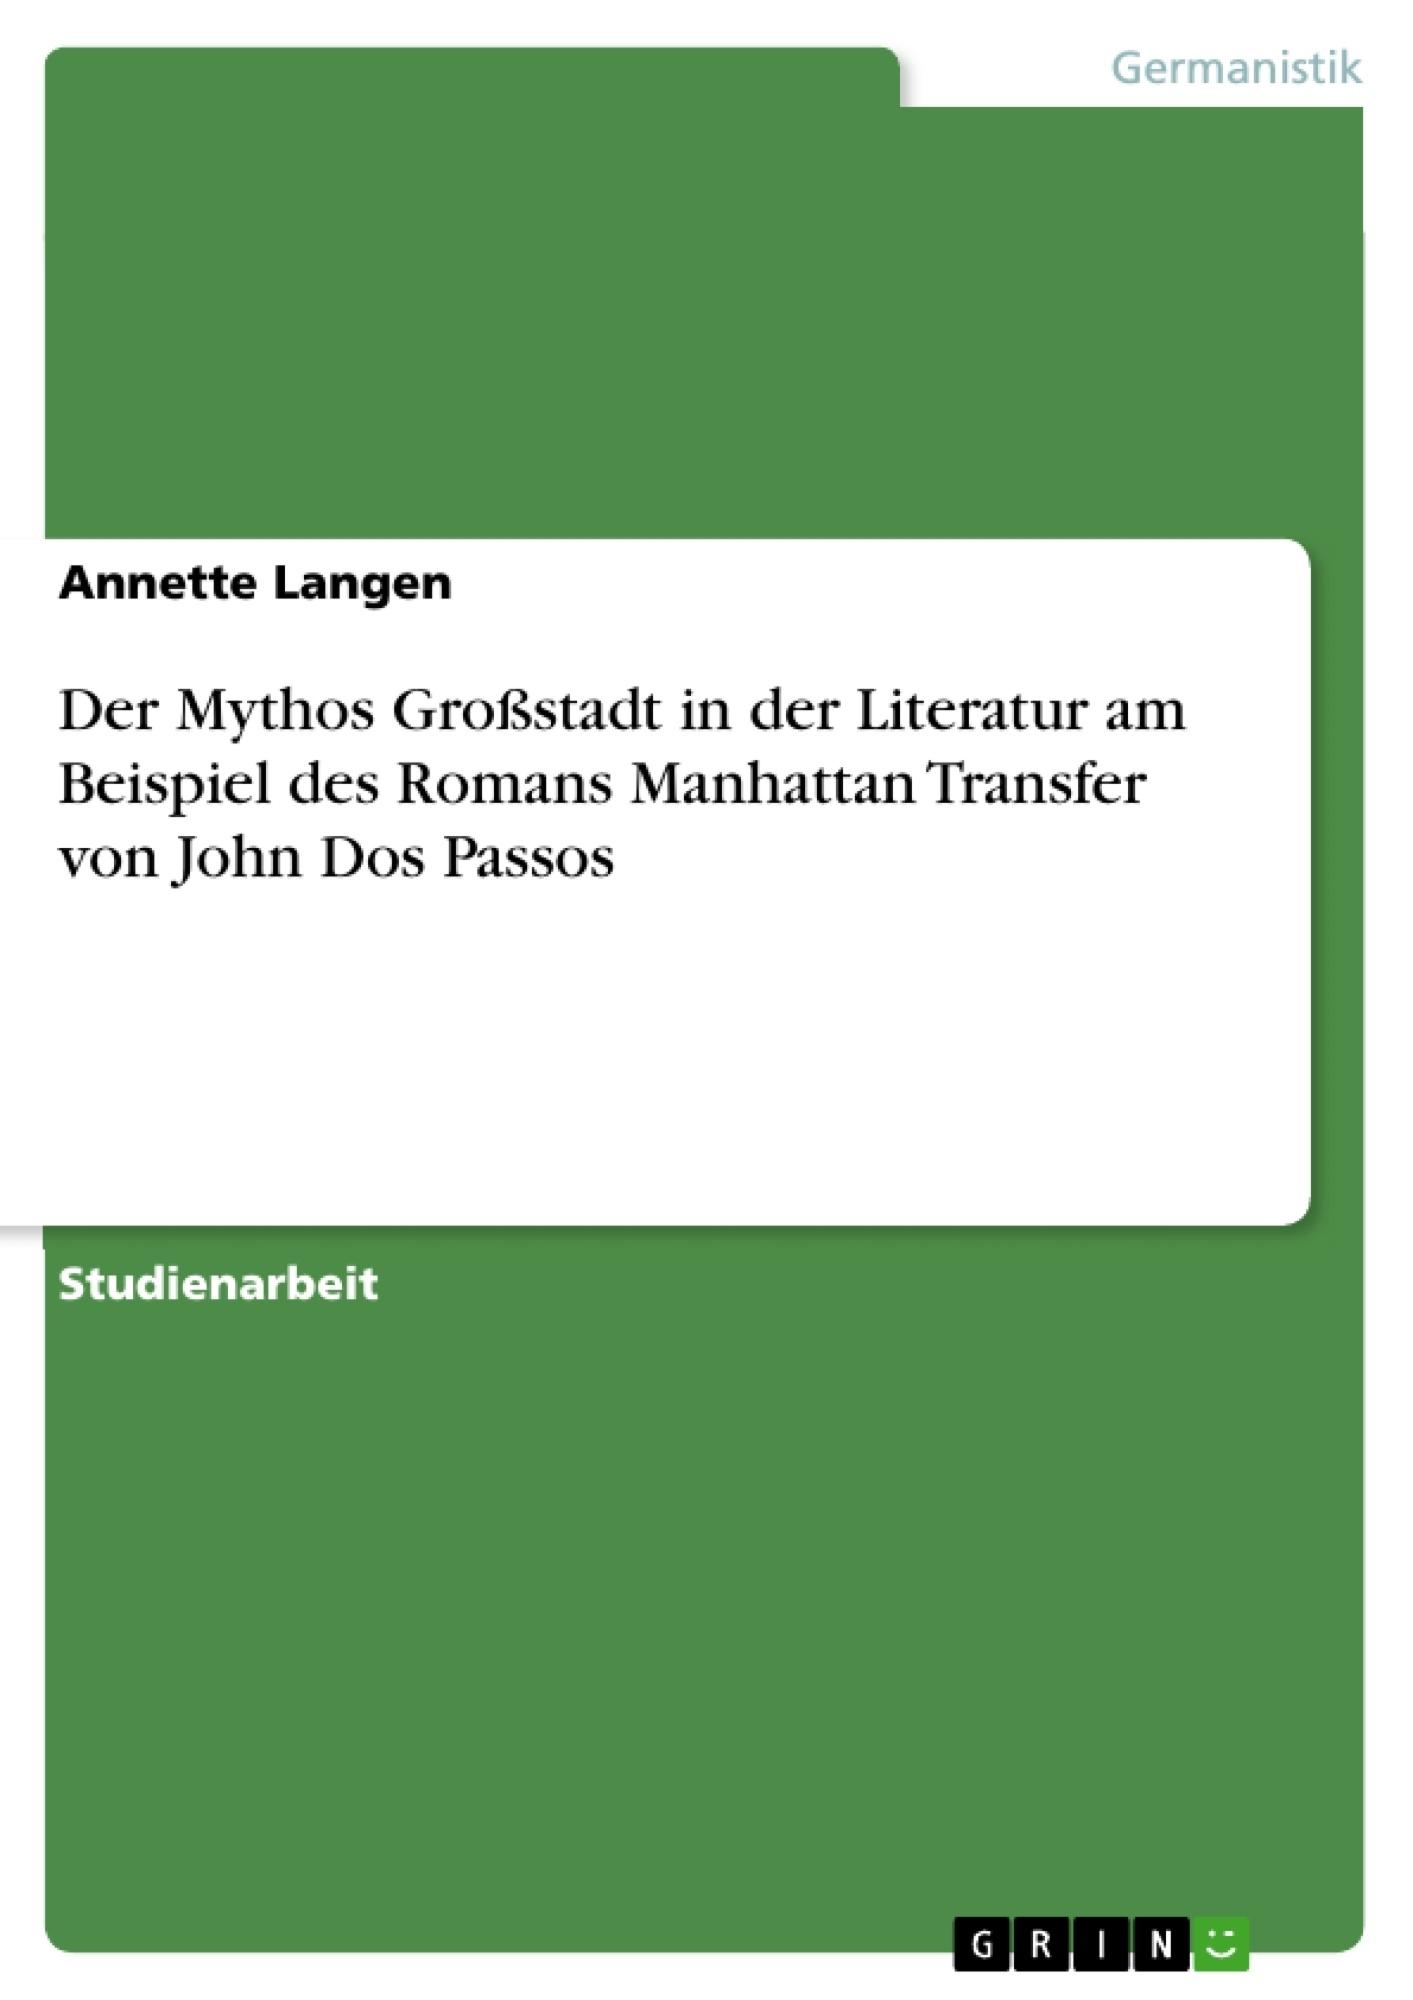 Titel: Der Mythos Großstadt in der Literatur am Beispiel des Romans Manhattan Transfer von John Dos Passos